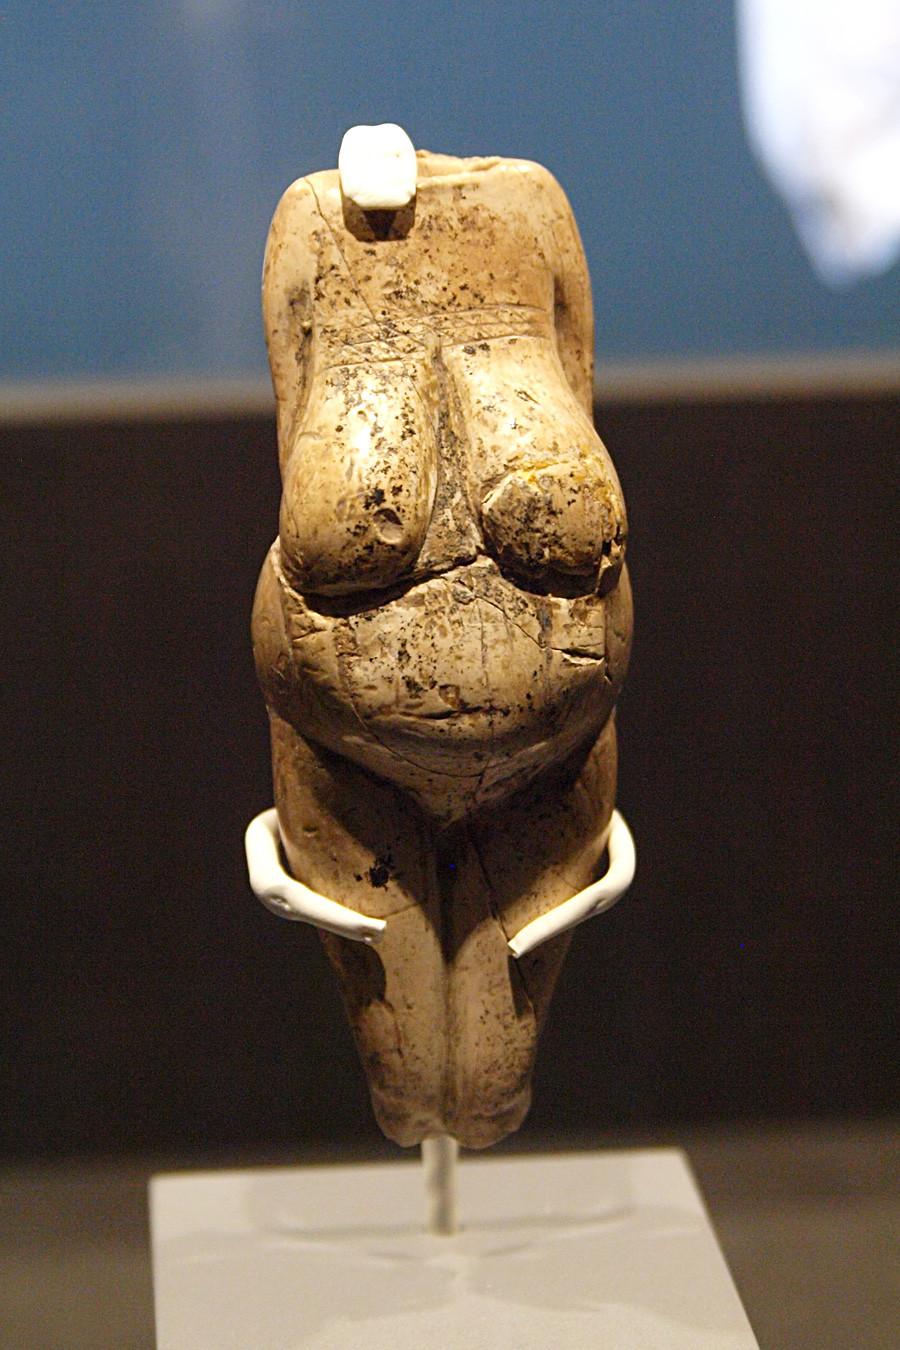 维纳斯雕像(石器时代表现女性生育能力的雕像)。图片来源:Andreas Franzkowiak